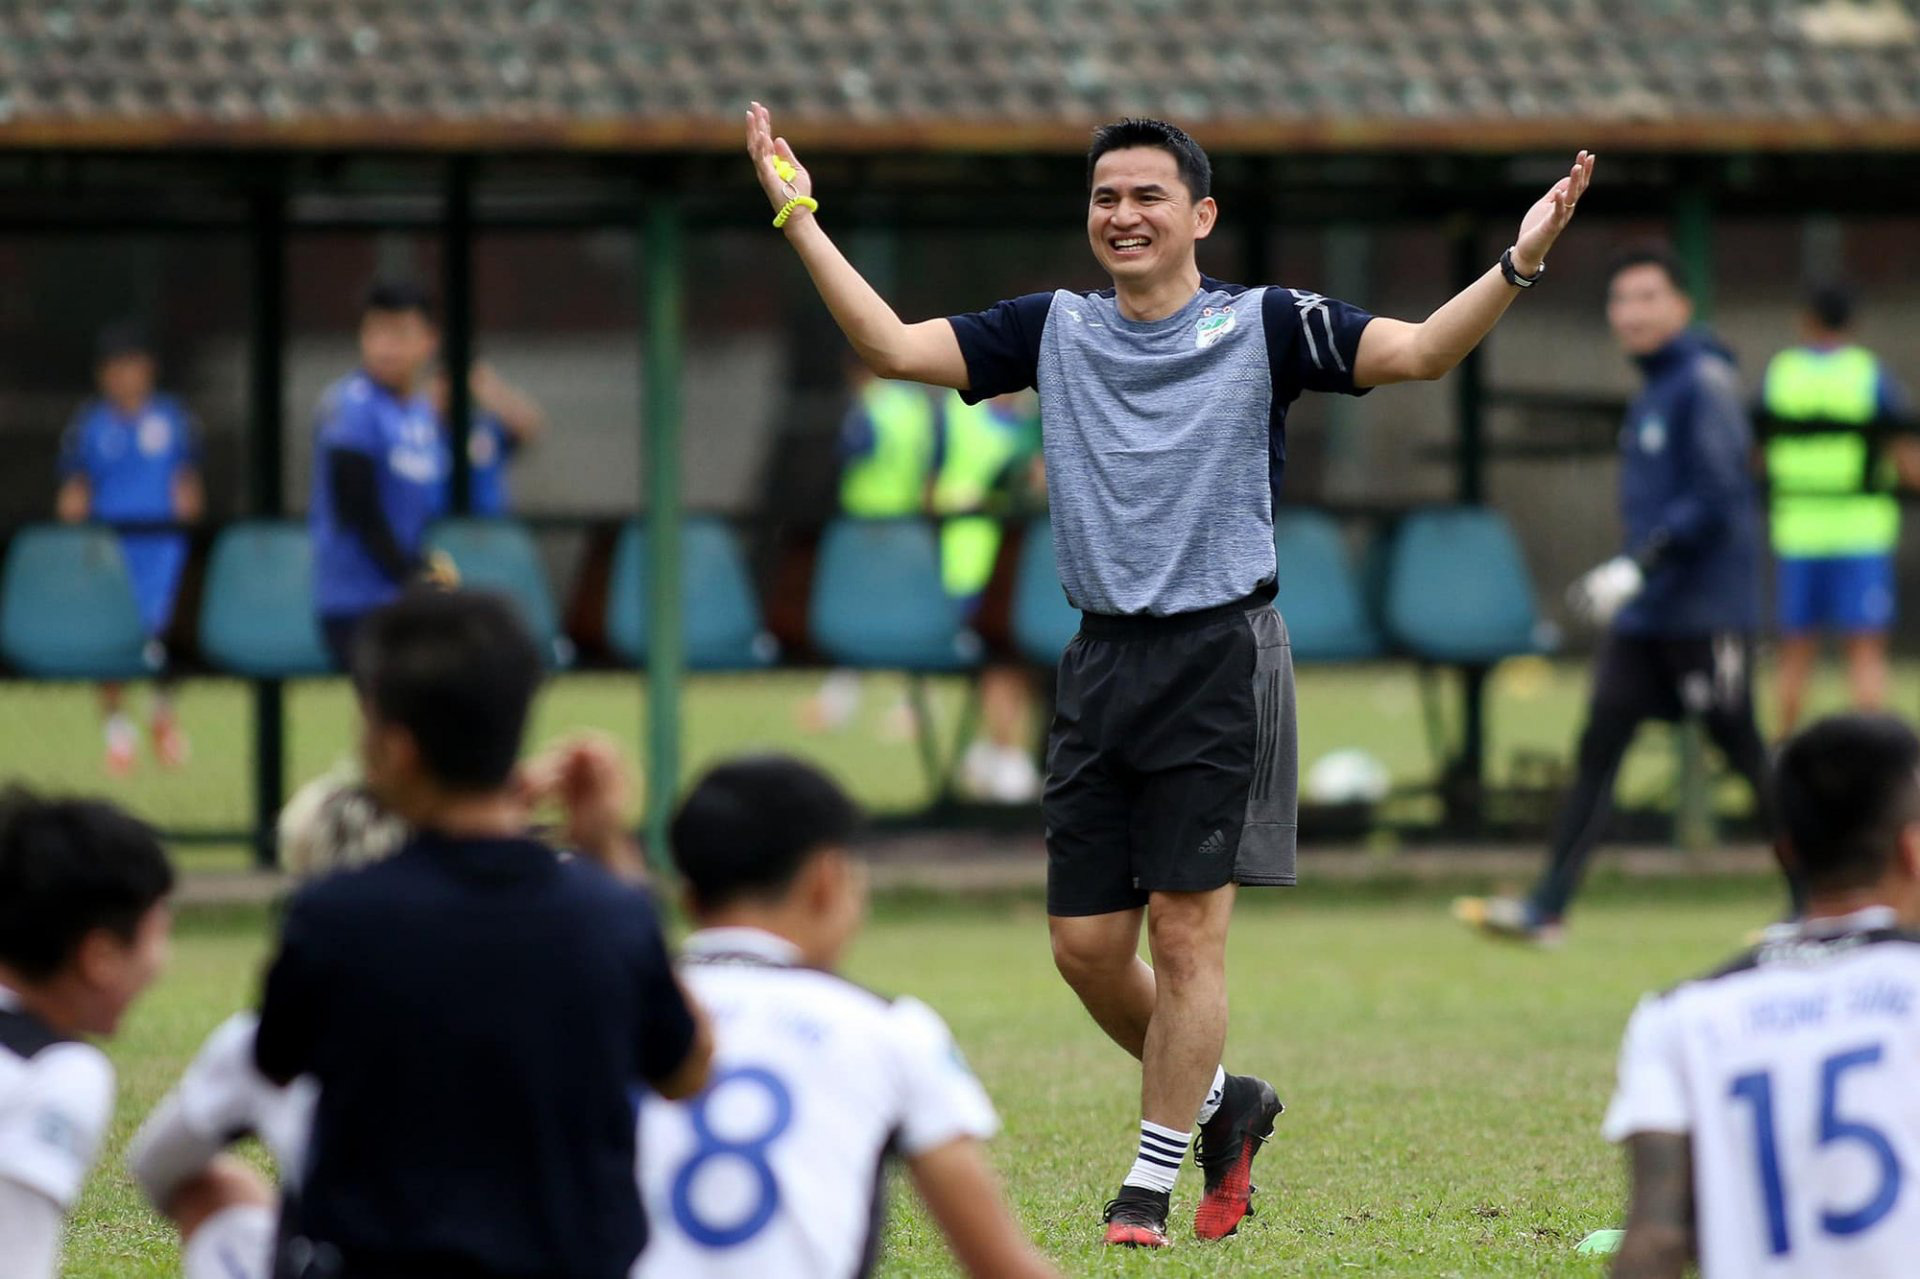 Tin sáng (22/4): Kiatisak sẽ thay HLV Park Hang-seo dẫn dắt ĐT Việt Nam? - Ảnh 1.